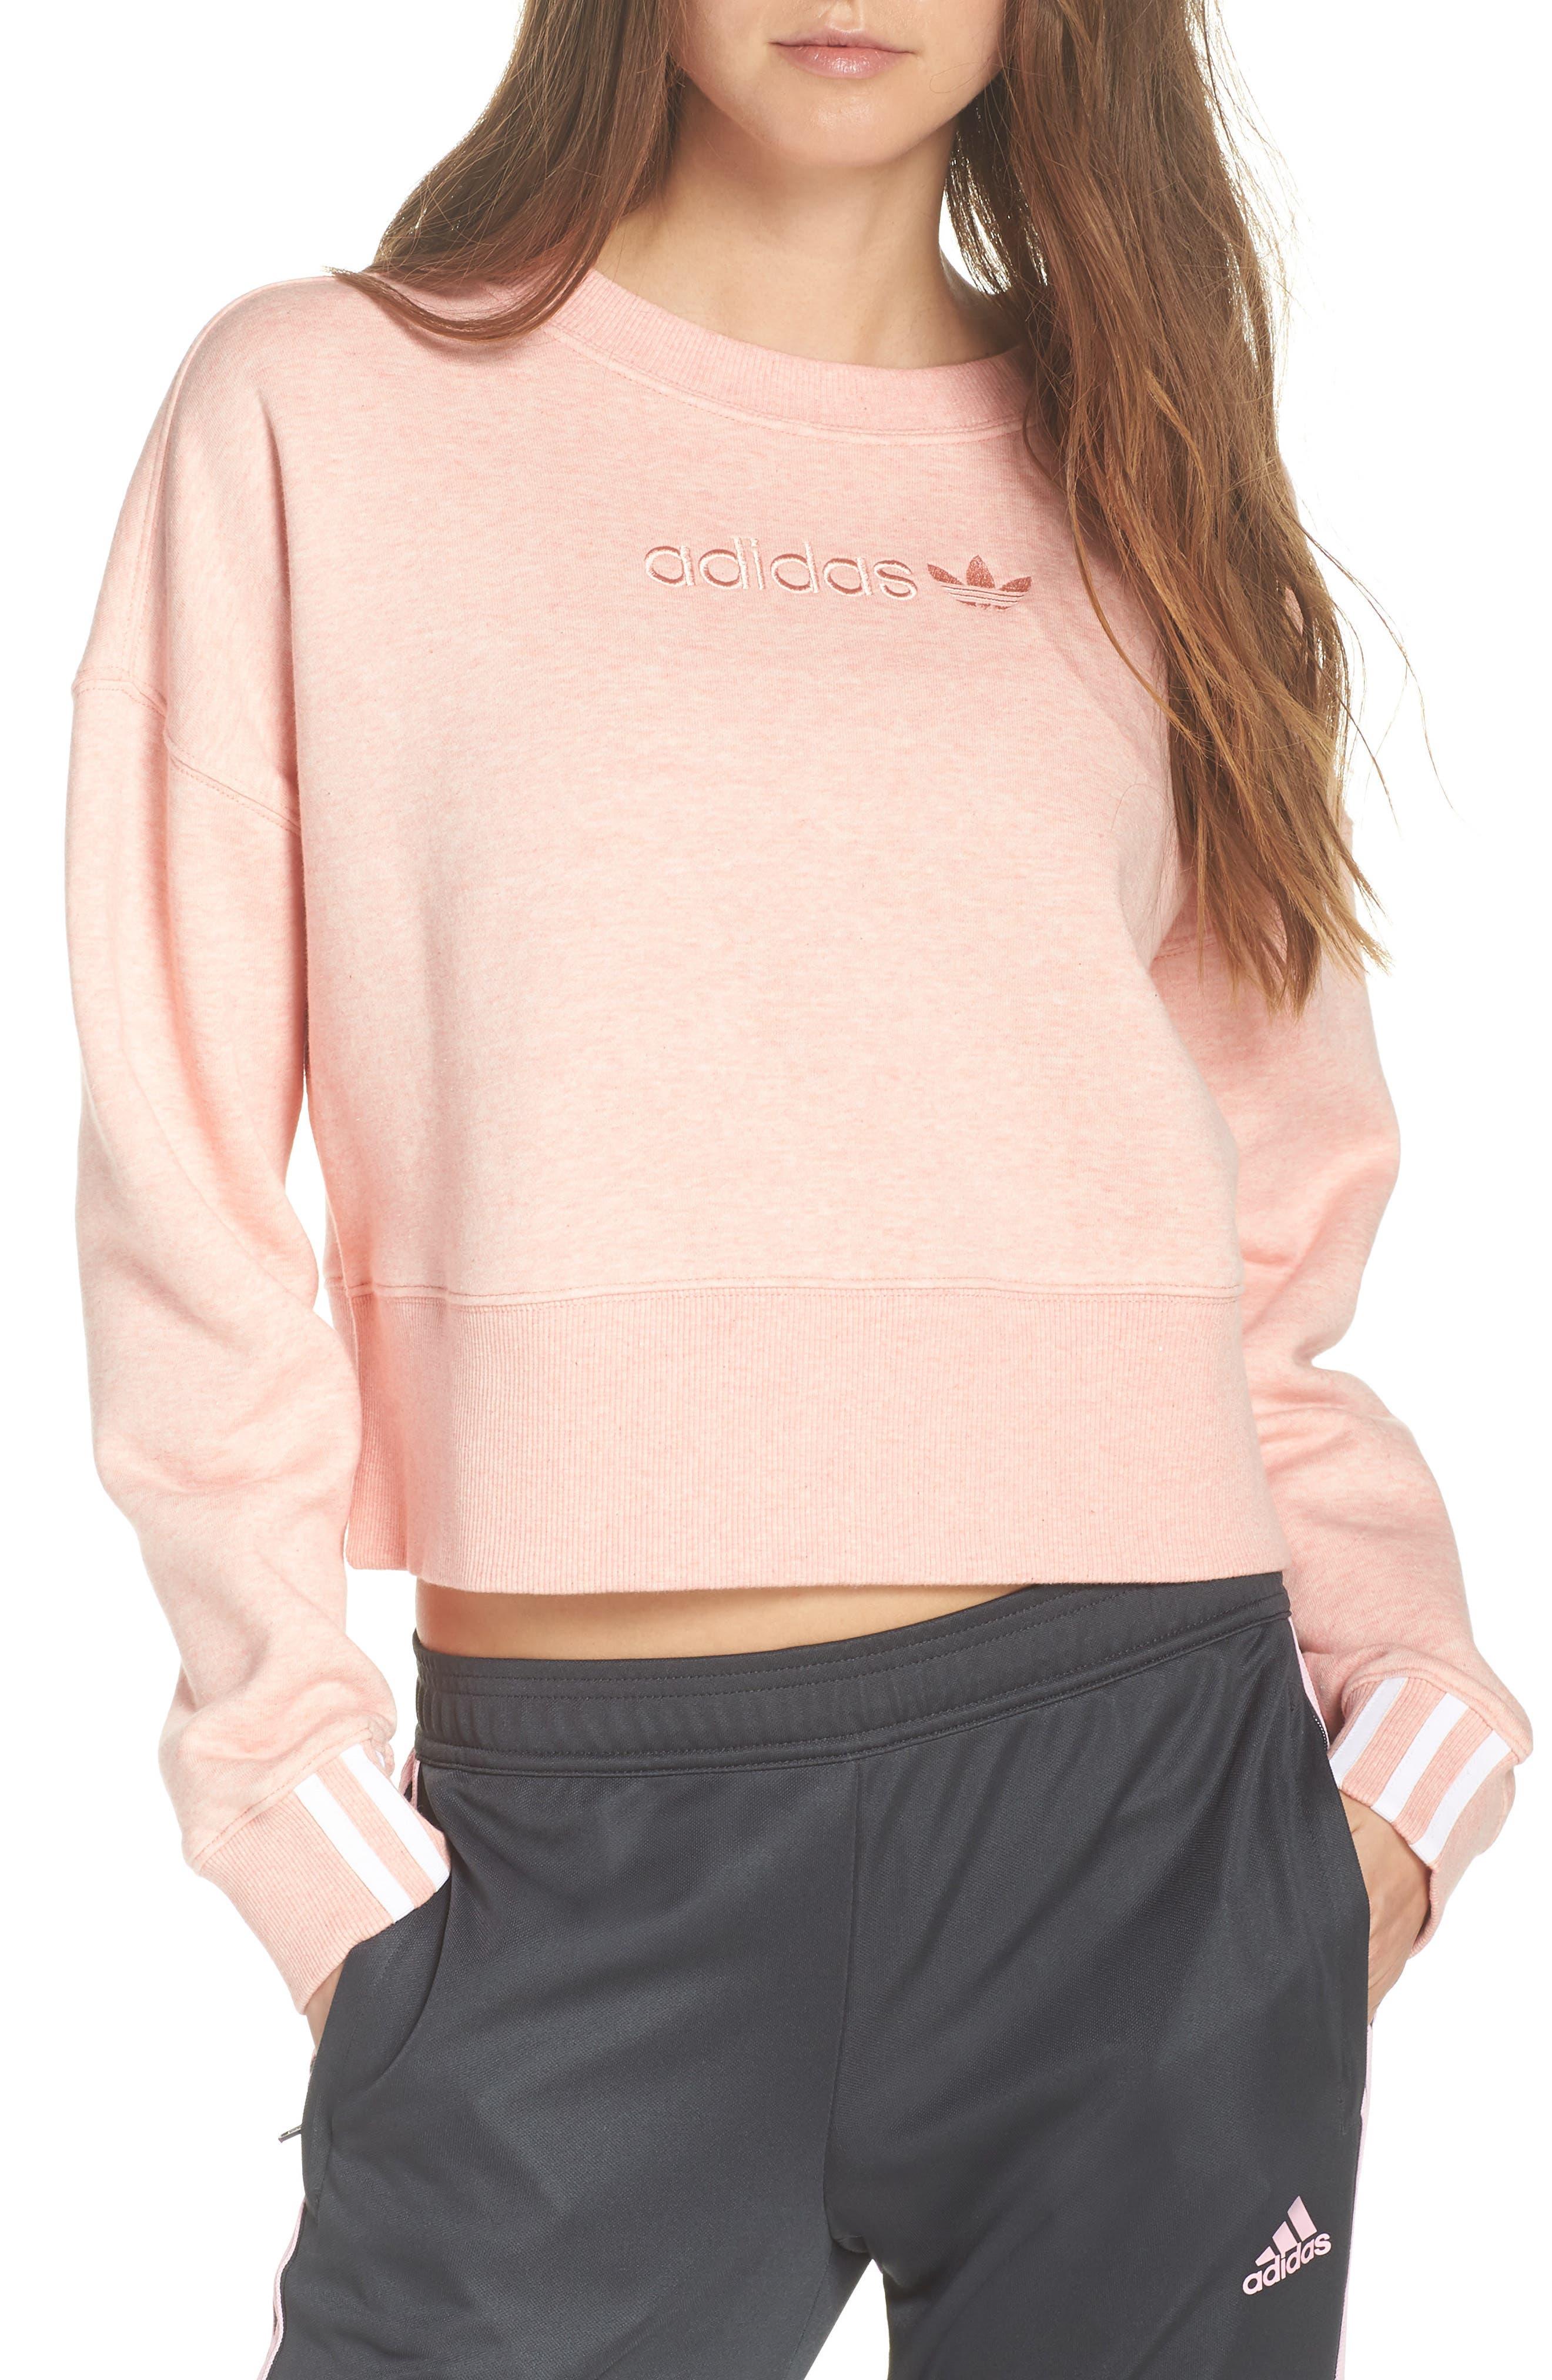 ADIDAS ORIGINALS adidas Coeeze Crop Sweatshirt, Main, color, 650